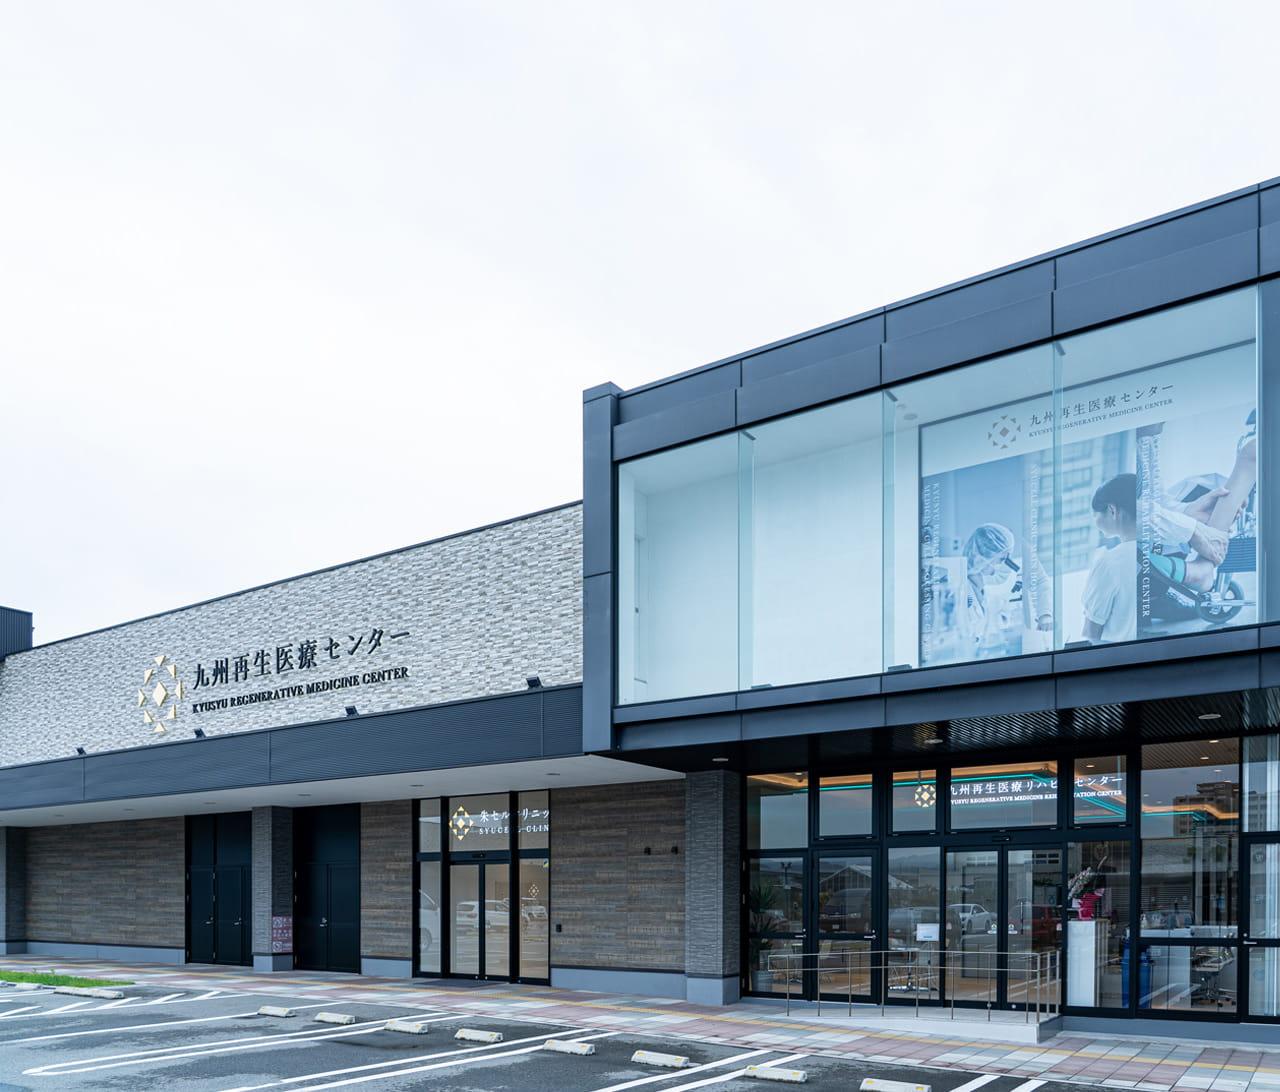 九州再生医療センター 外観